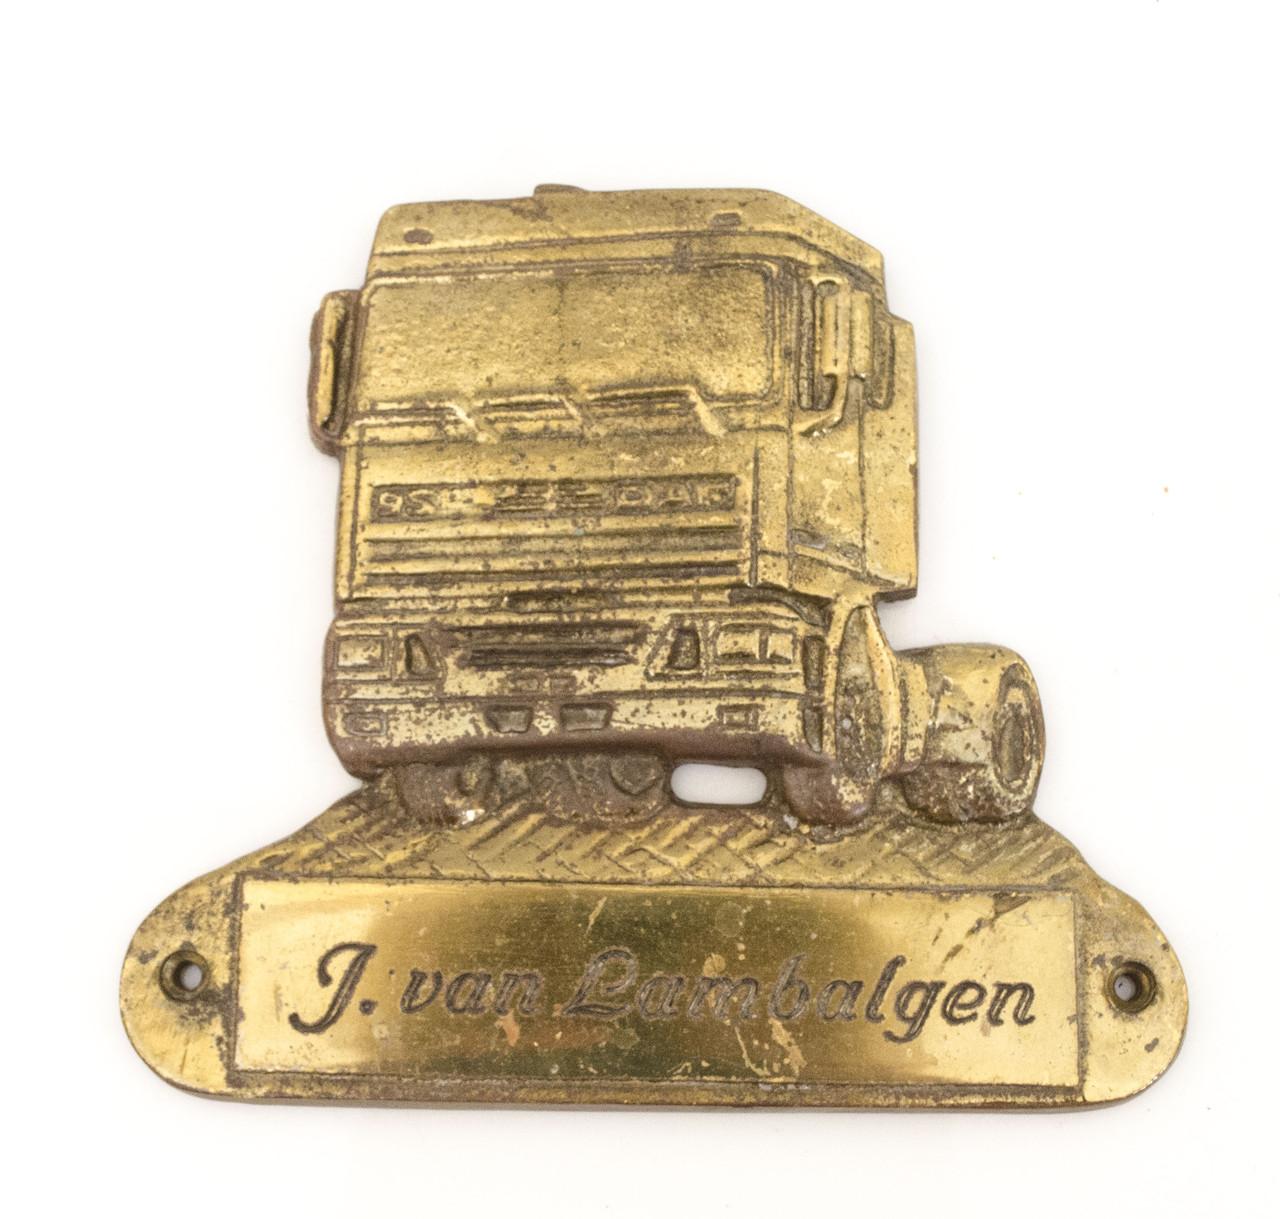 Старый настенный барельеф, бронзовая табличка van Lambalgen, бронза, Германия